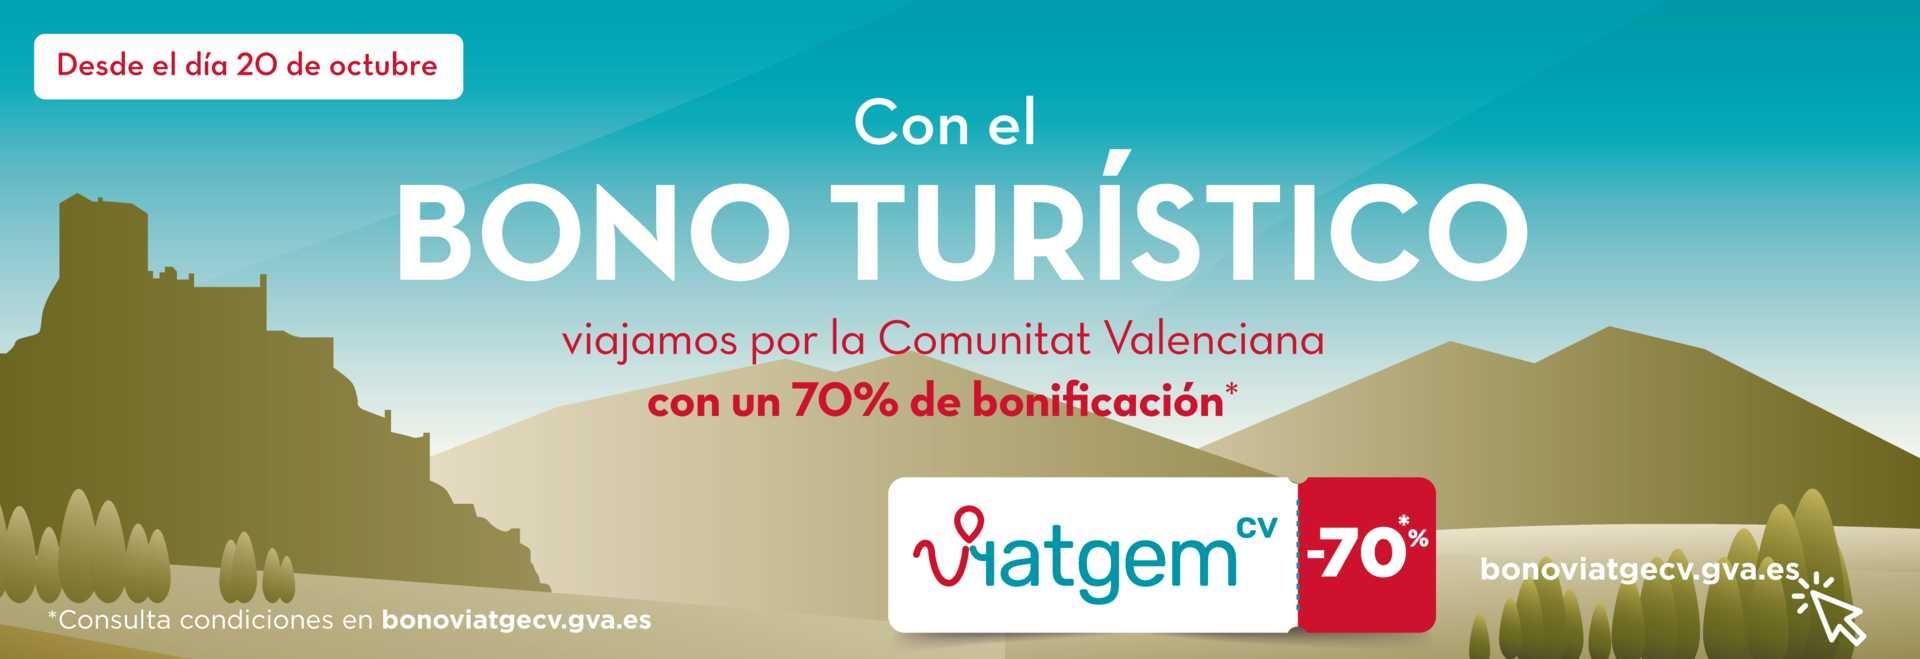 Bono Turístico de la Comunitat Valenciana